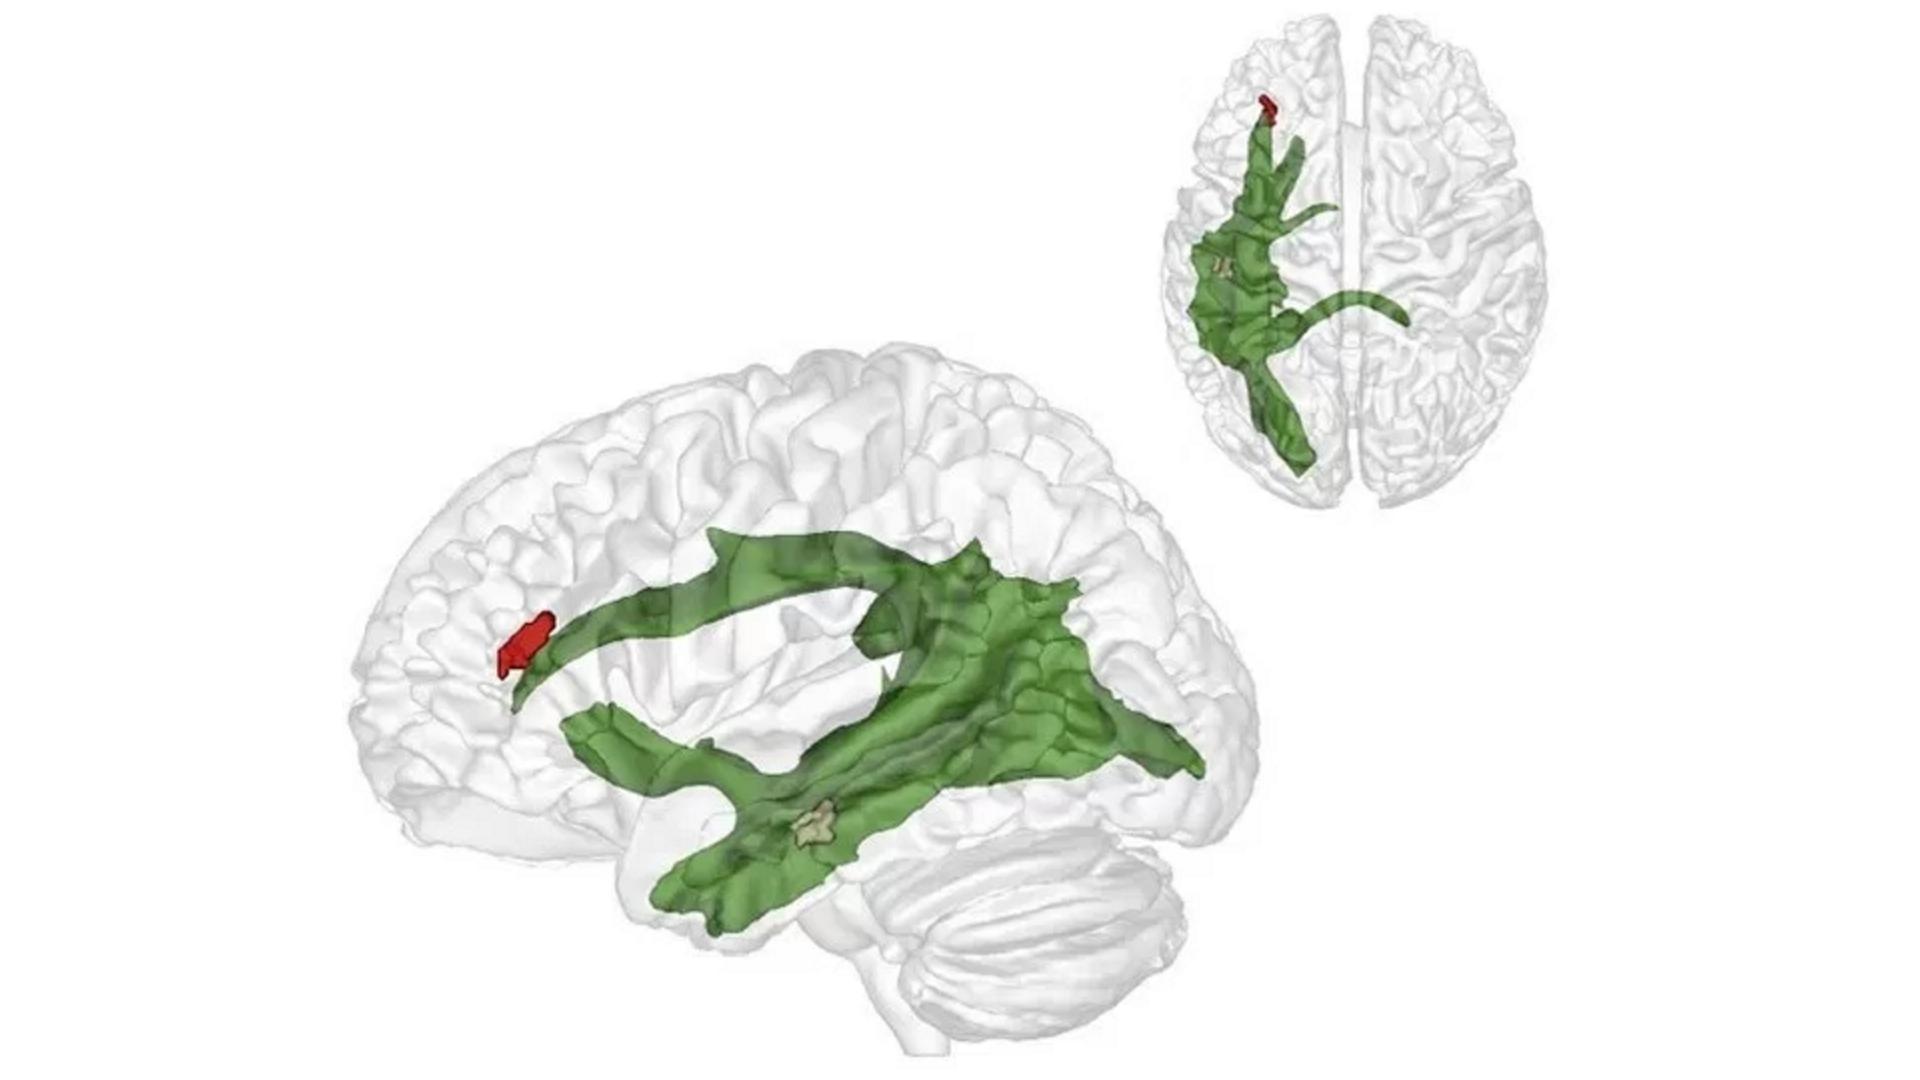 Фото: © neurosciencenews.com